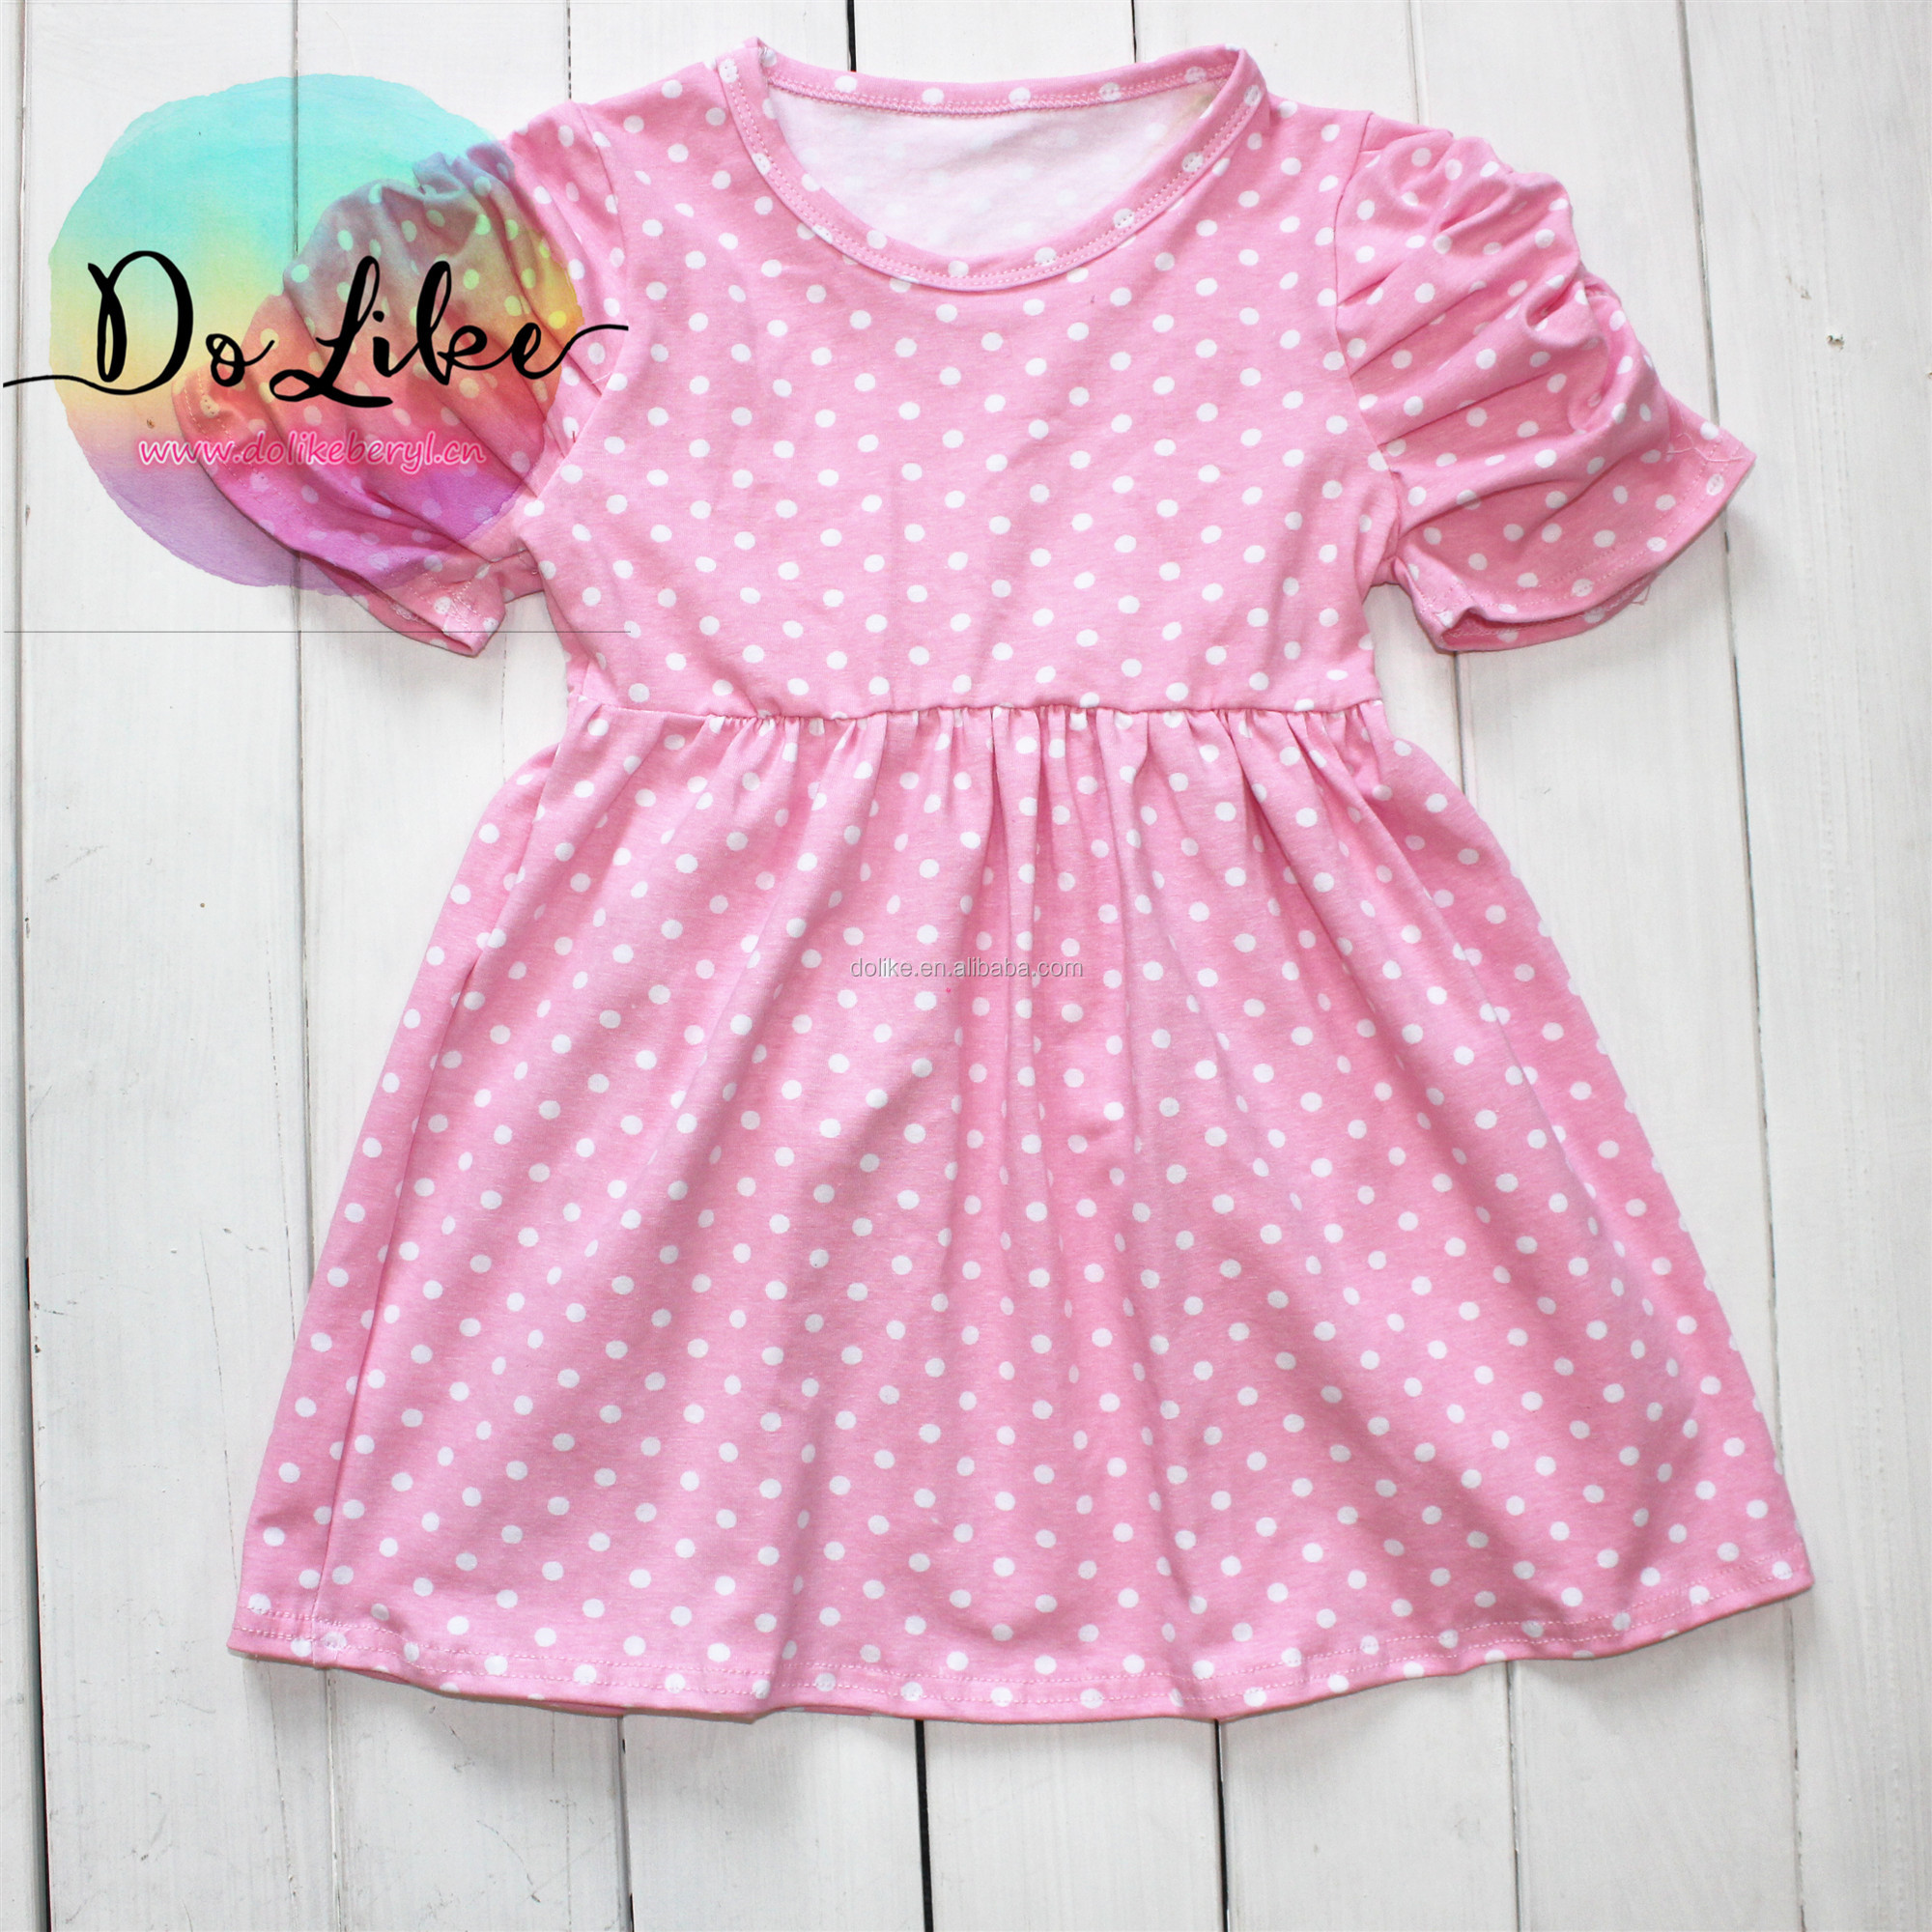 รักชาติเด็กเสื้อผ้า twirl เด็กสาวกระโปรงฤดูร้อนเด็กเสื้อผ้า